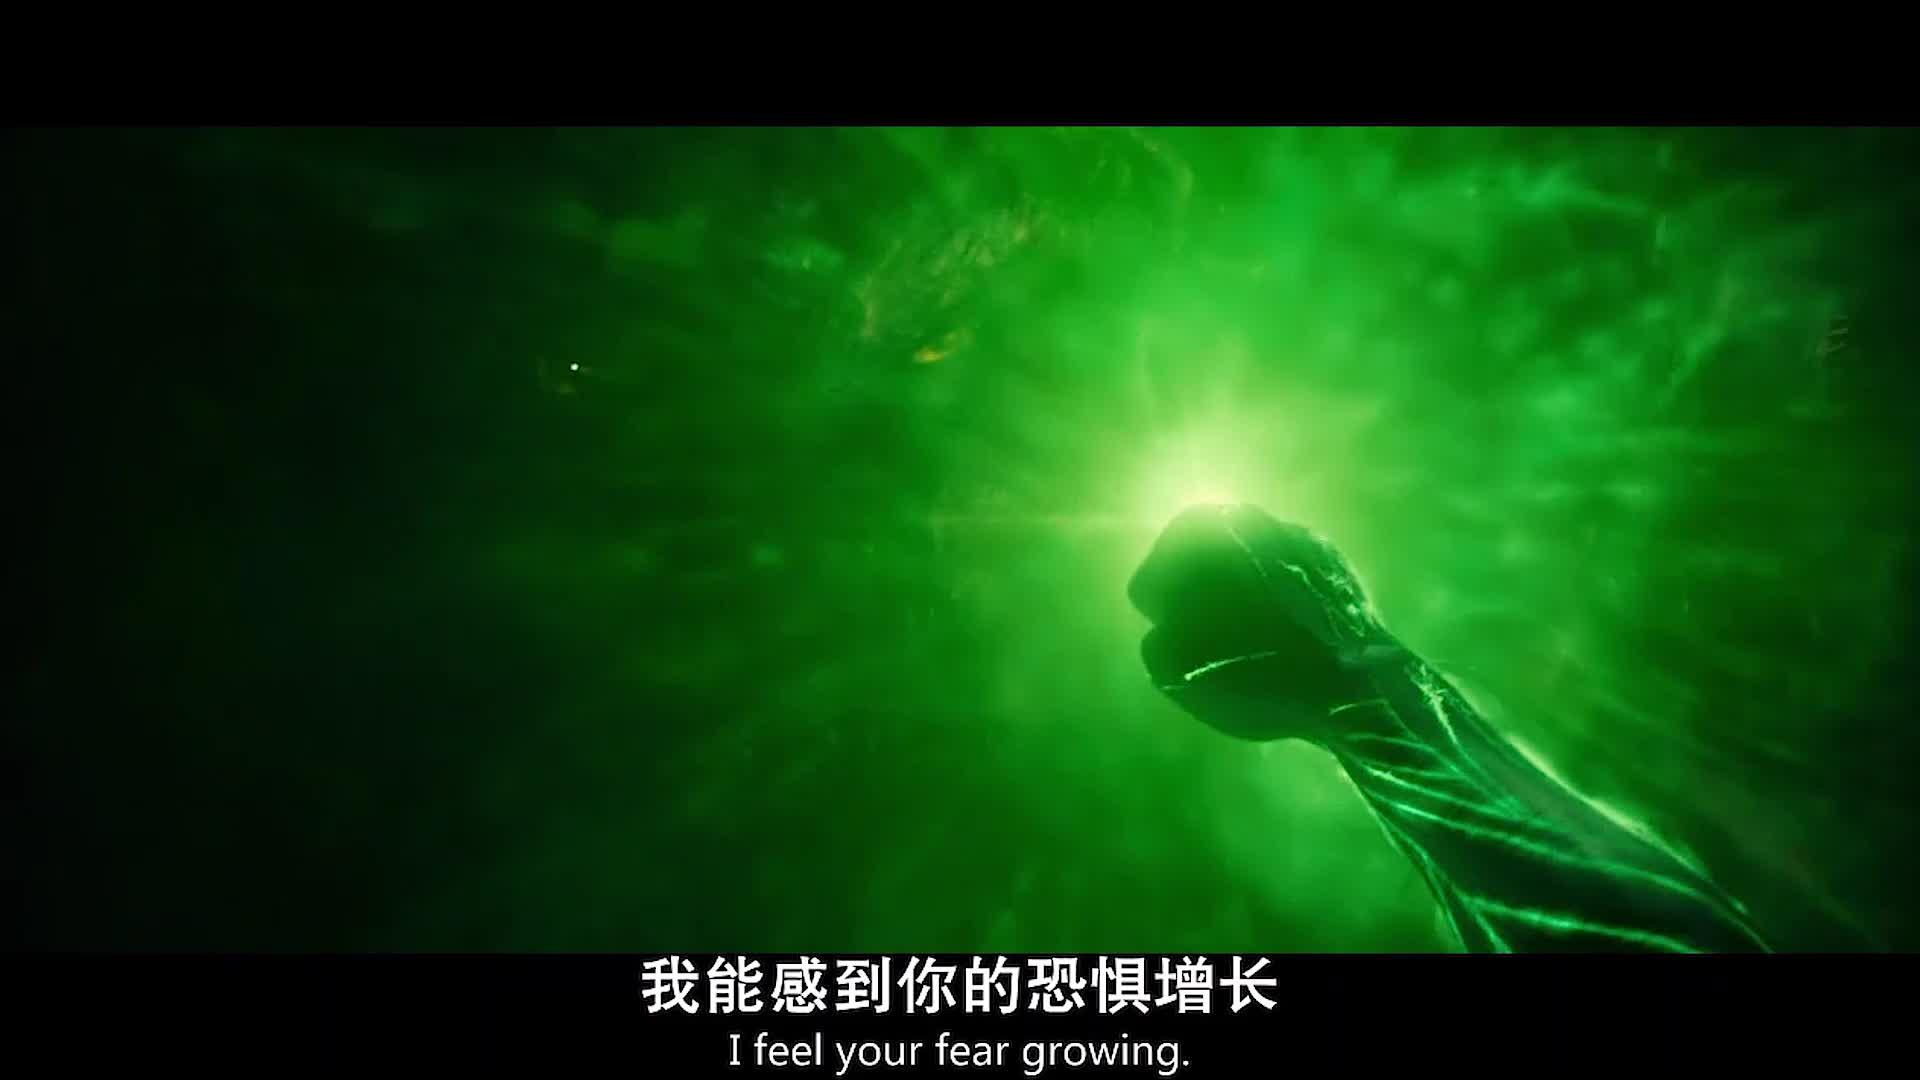 #电影迷的修养#【绿灯侠】变幻无穷 我也想要一个!__02